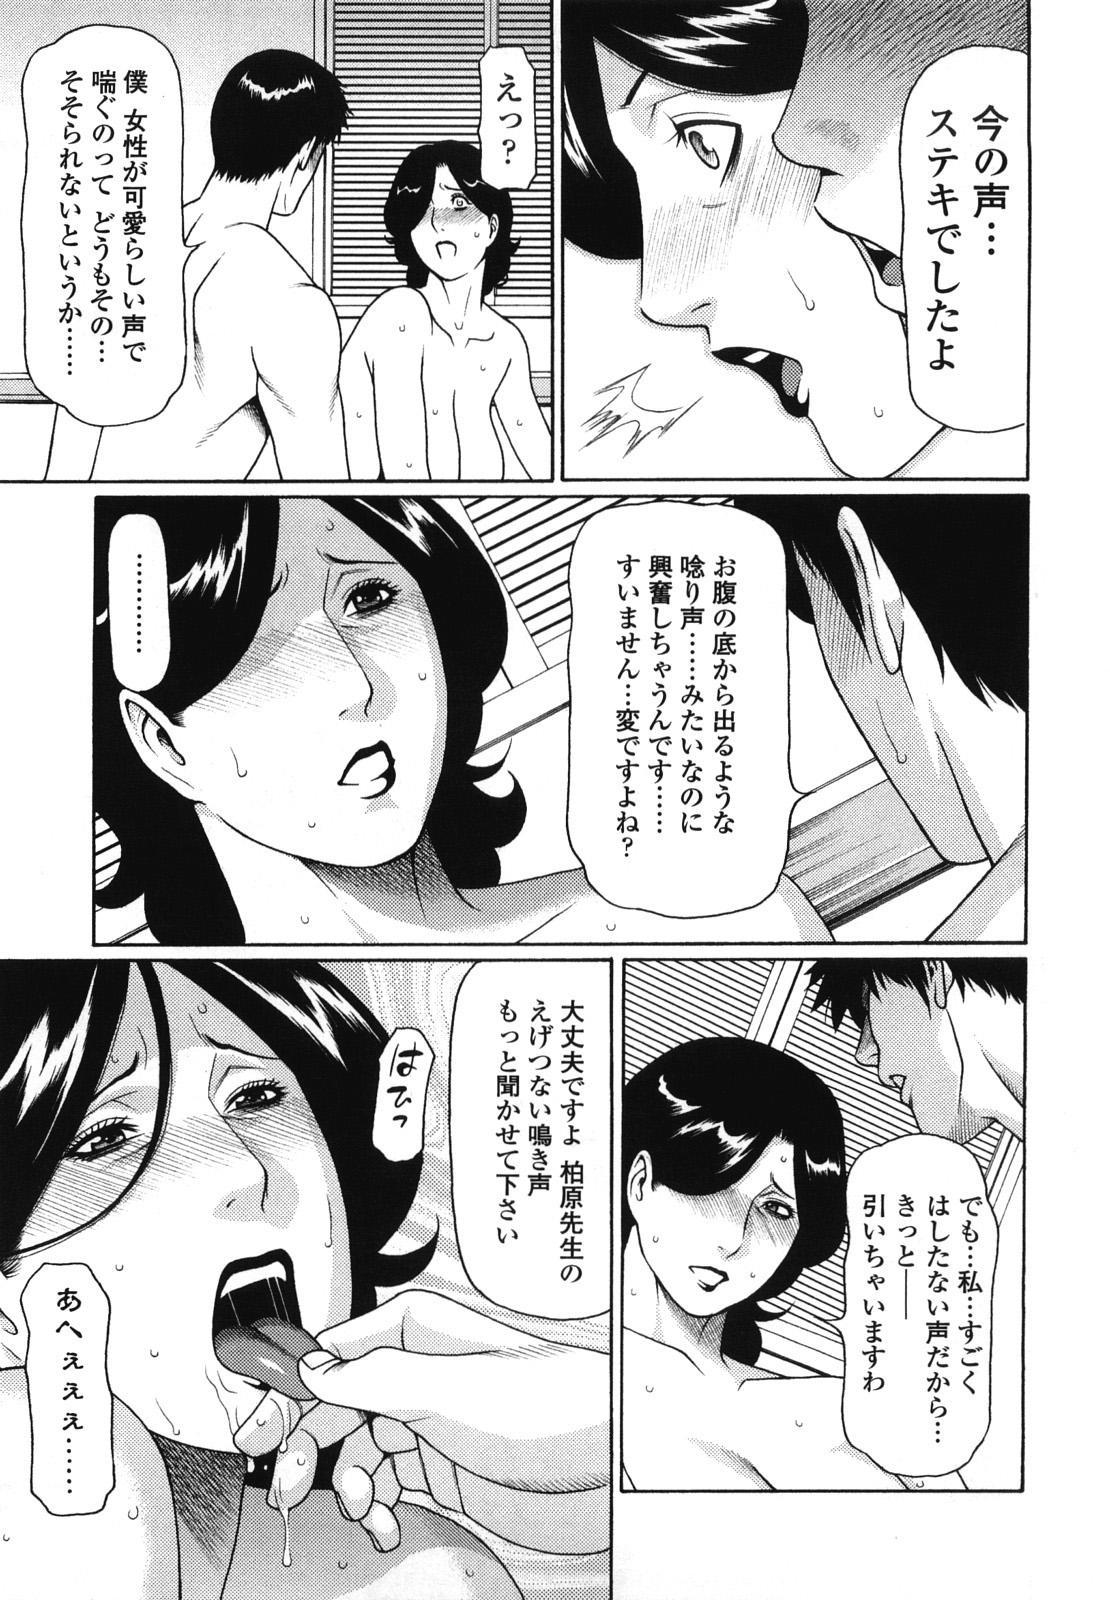 [Takasugi Kou] Kindan no Haha-Ana - Immorality Love-Hole Ch. 11-12 [Decensored] 8